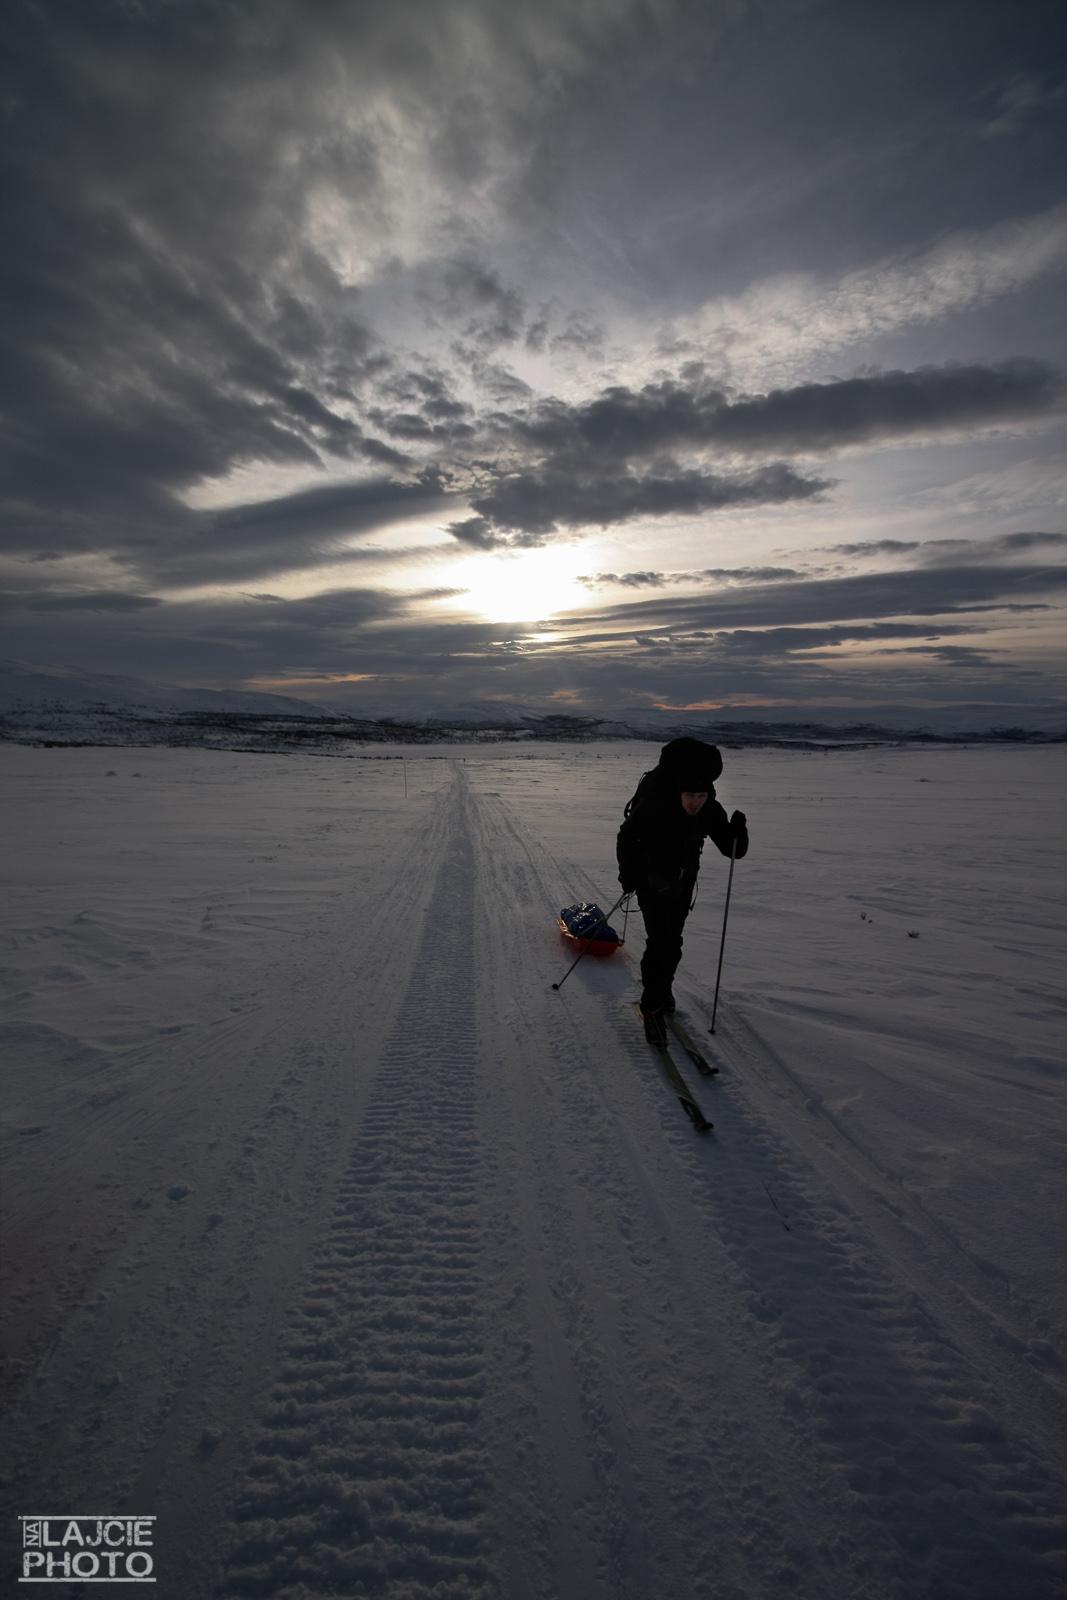 Ślad przetarty przez skutery śnieżne ułatwia sprawę